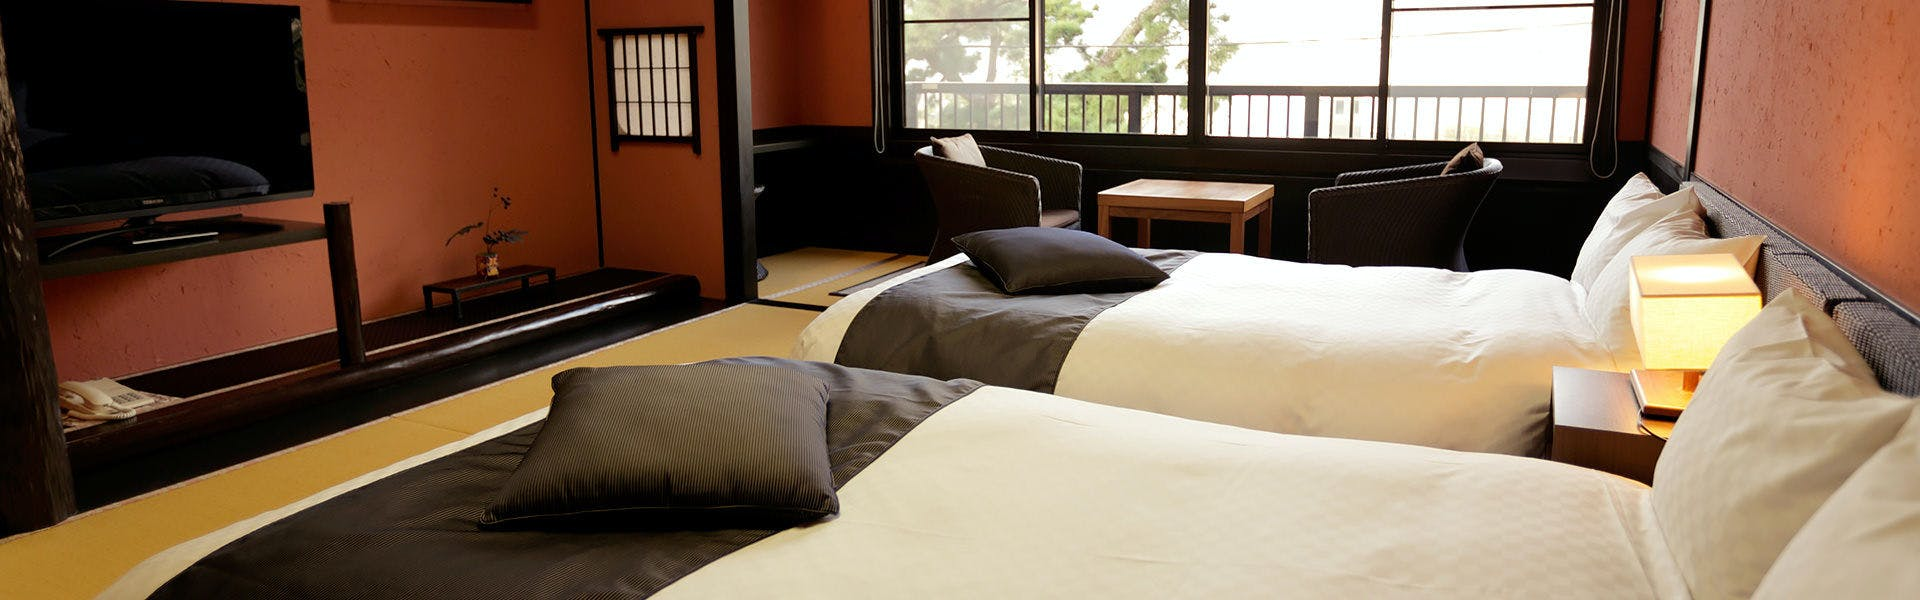 記念日におすすめのホテル・【やぎさわ荘】 の空室状況を確認するの写真3